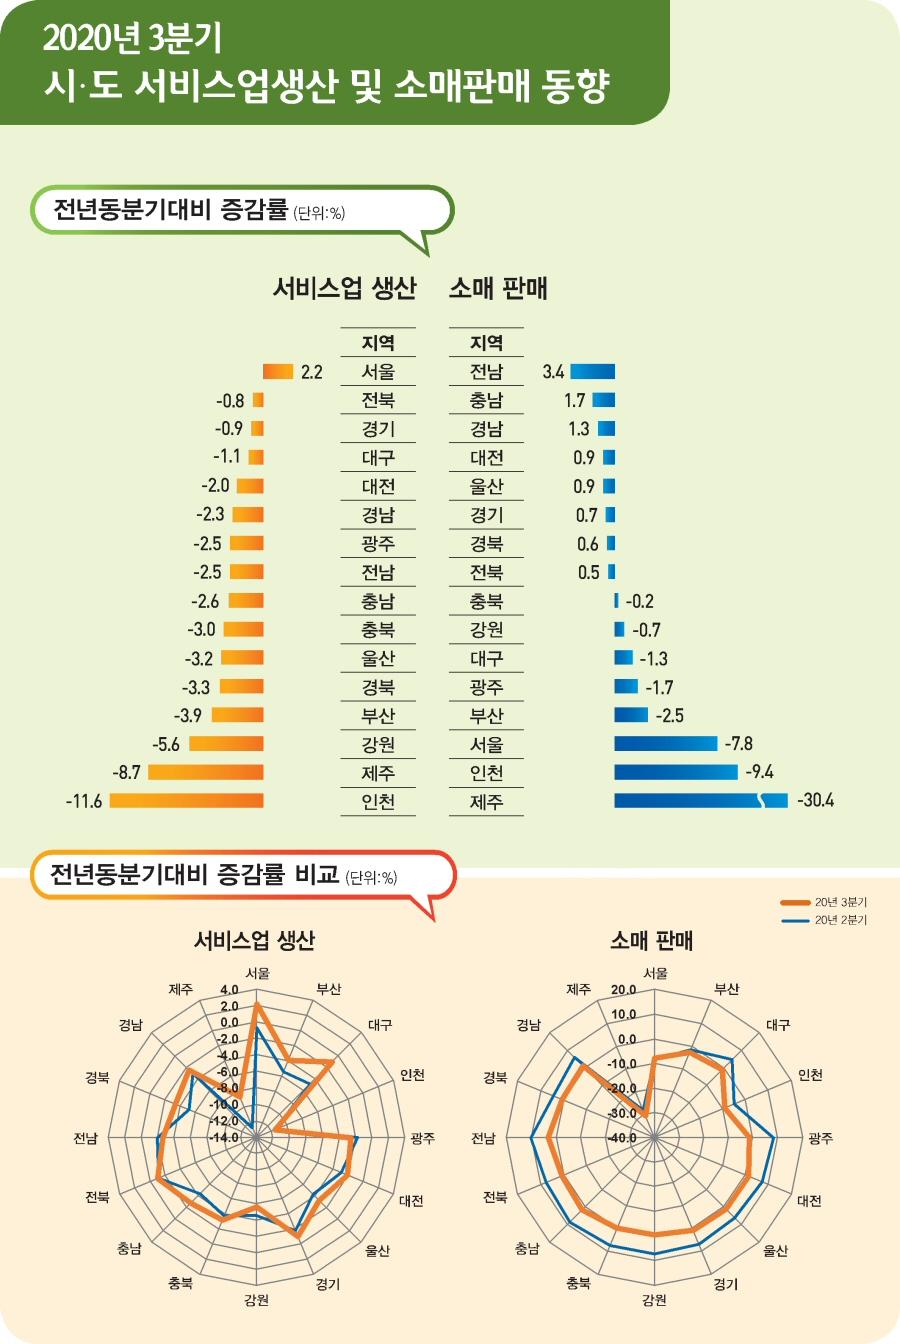 2020년 3분기 서비스업생산 서울 2.2% 증가, 15개 시·도 감소